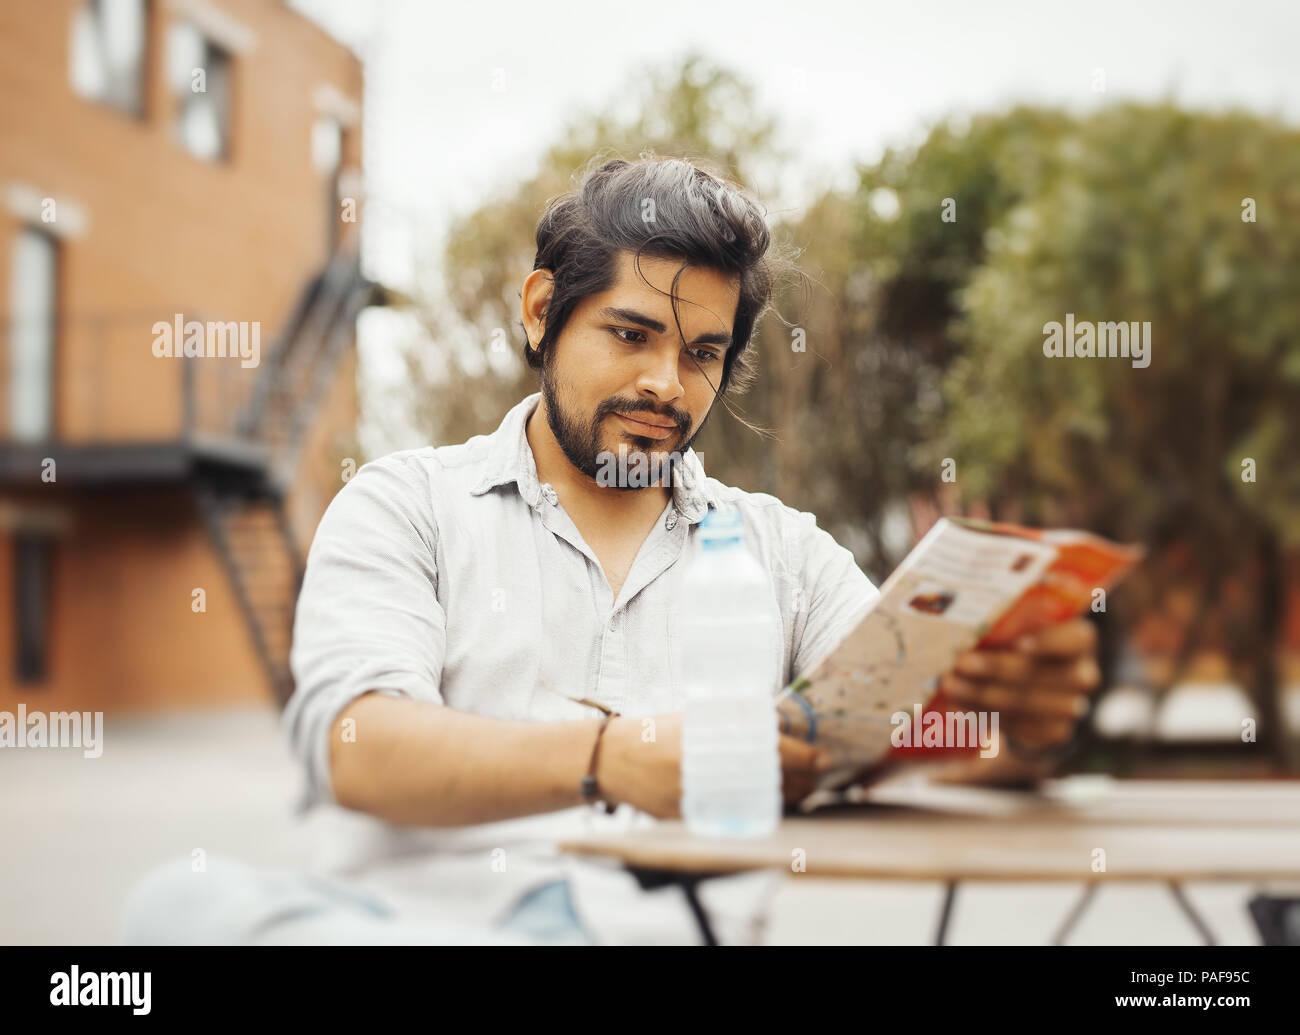 Attraente latino uomo seduto al street cafe e guardando la mappa. Immagini Stock